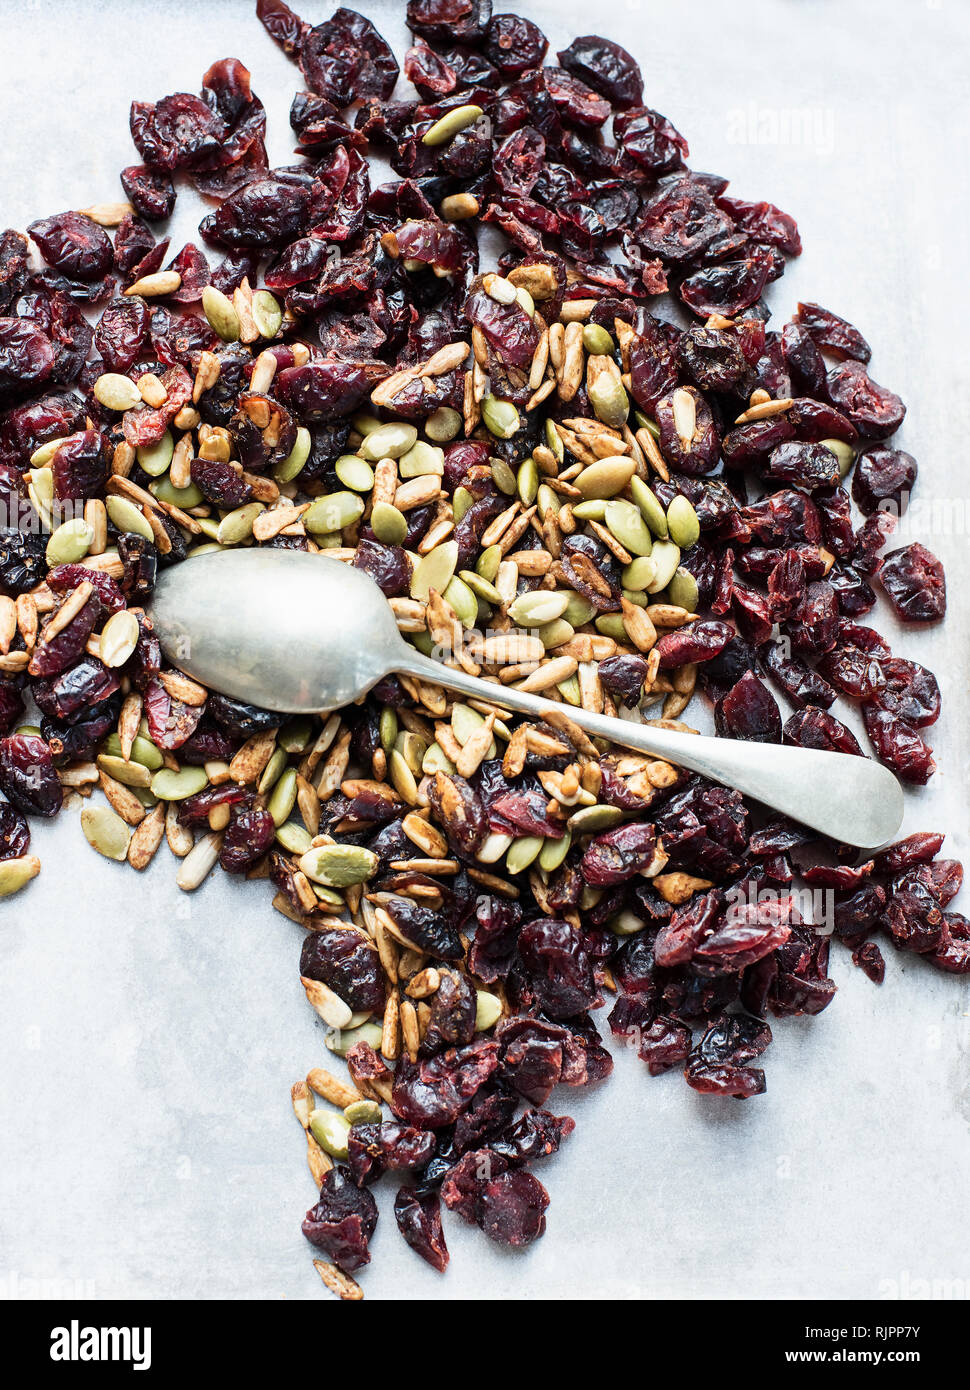 Teelöffel auf Samen und getrocknete Cranberries Stockbild